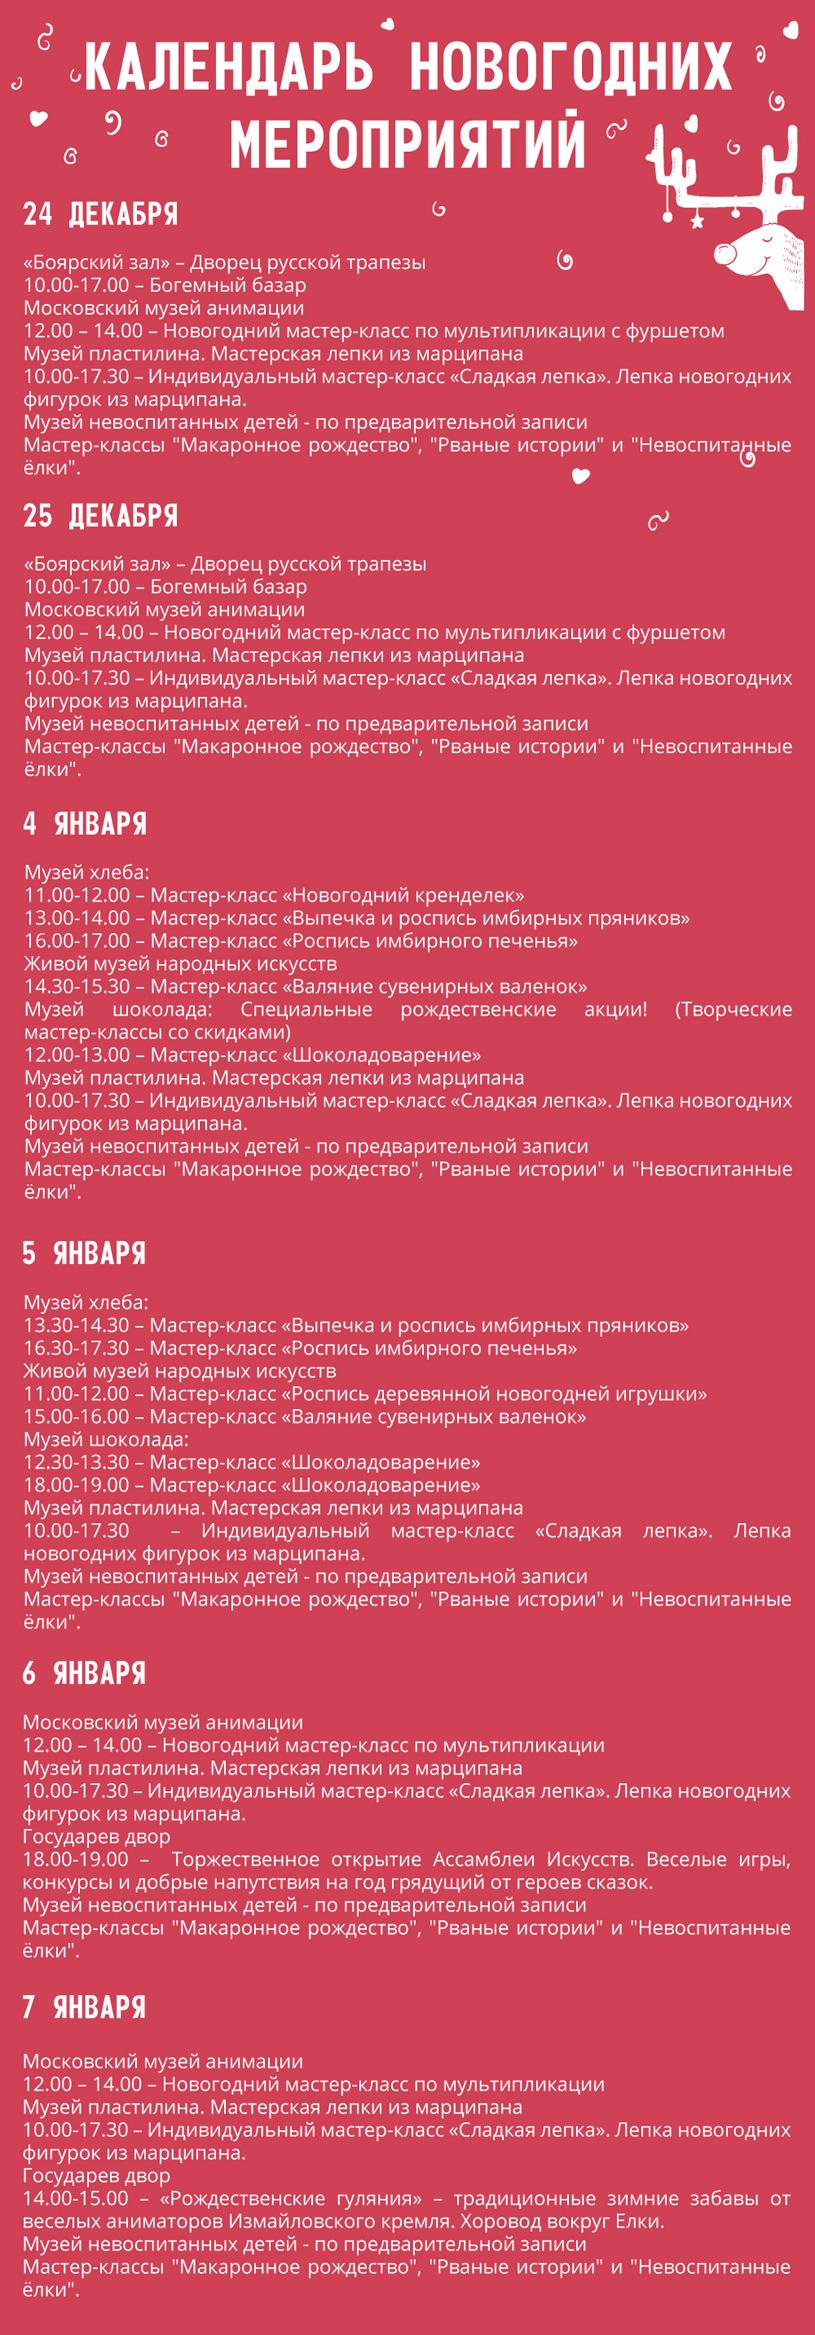 Календарь Новогодних мероприятий в Центре русской культуры «Кремль в Измайлово»